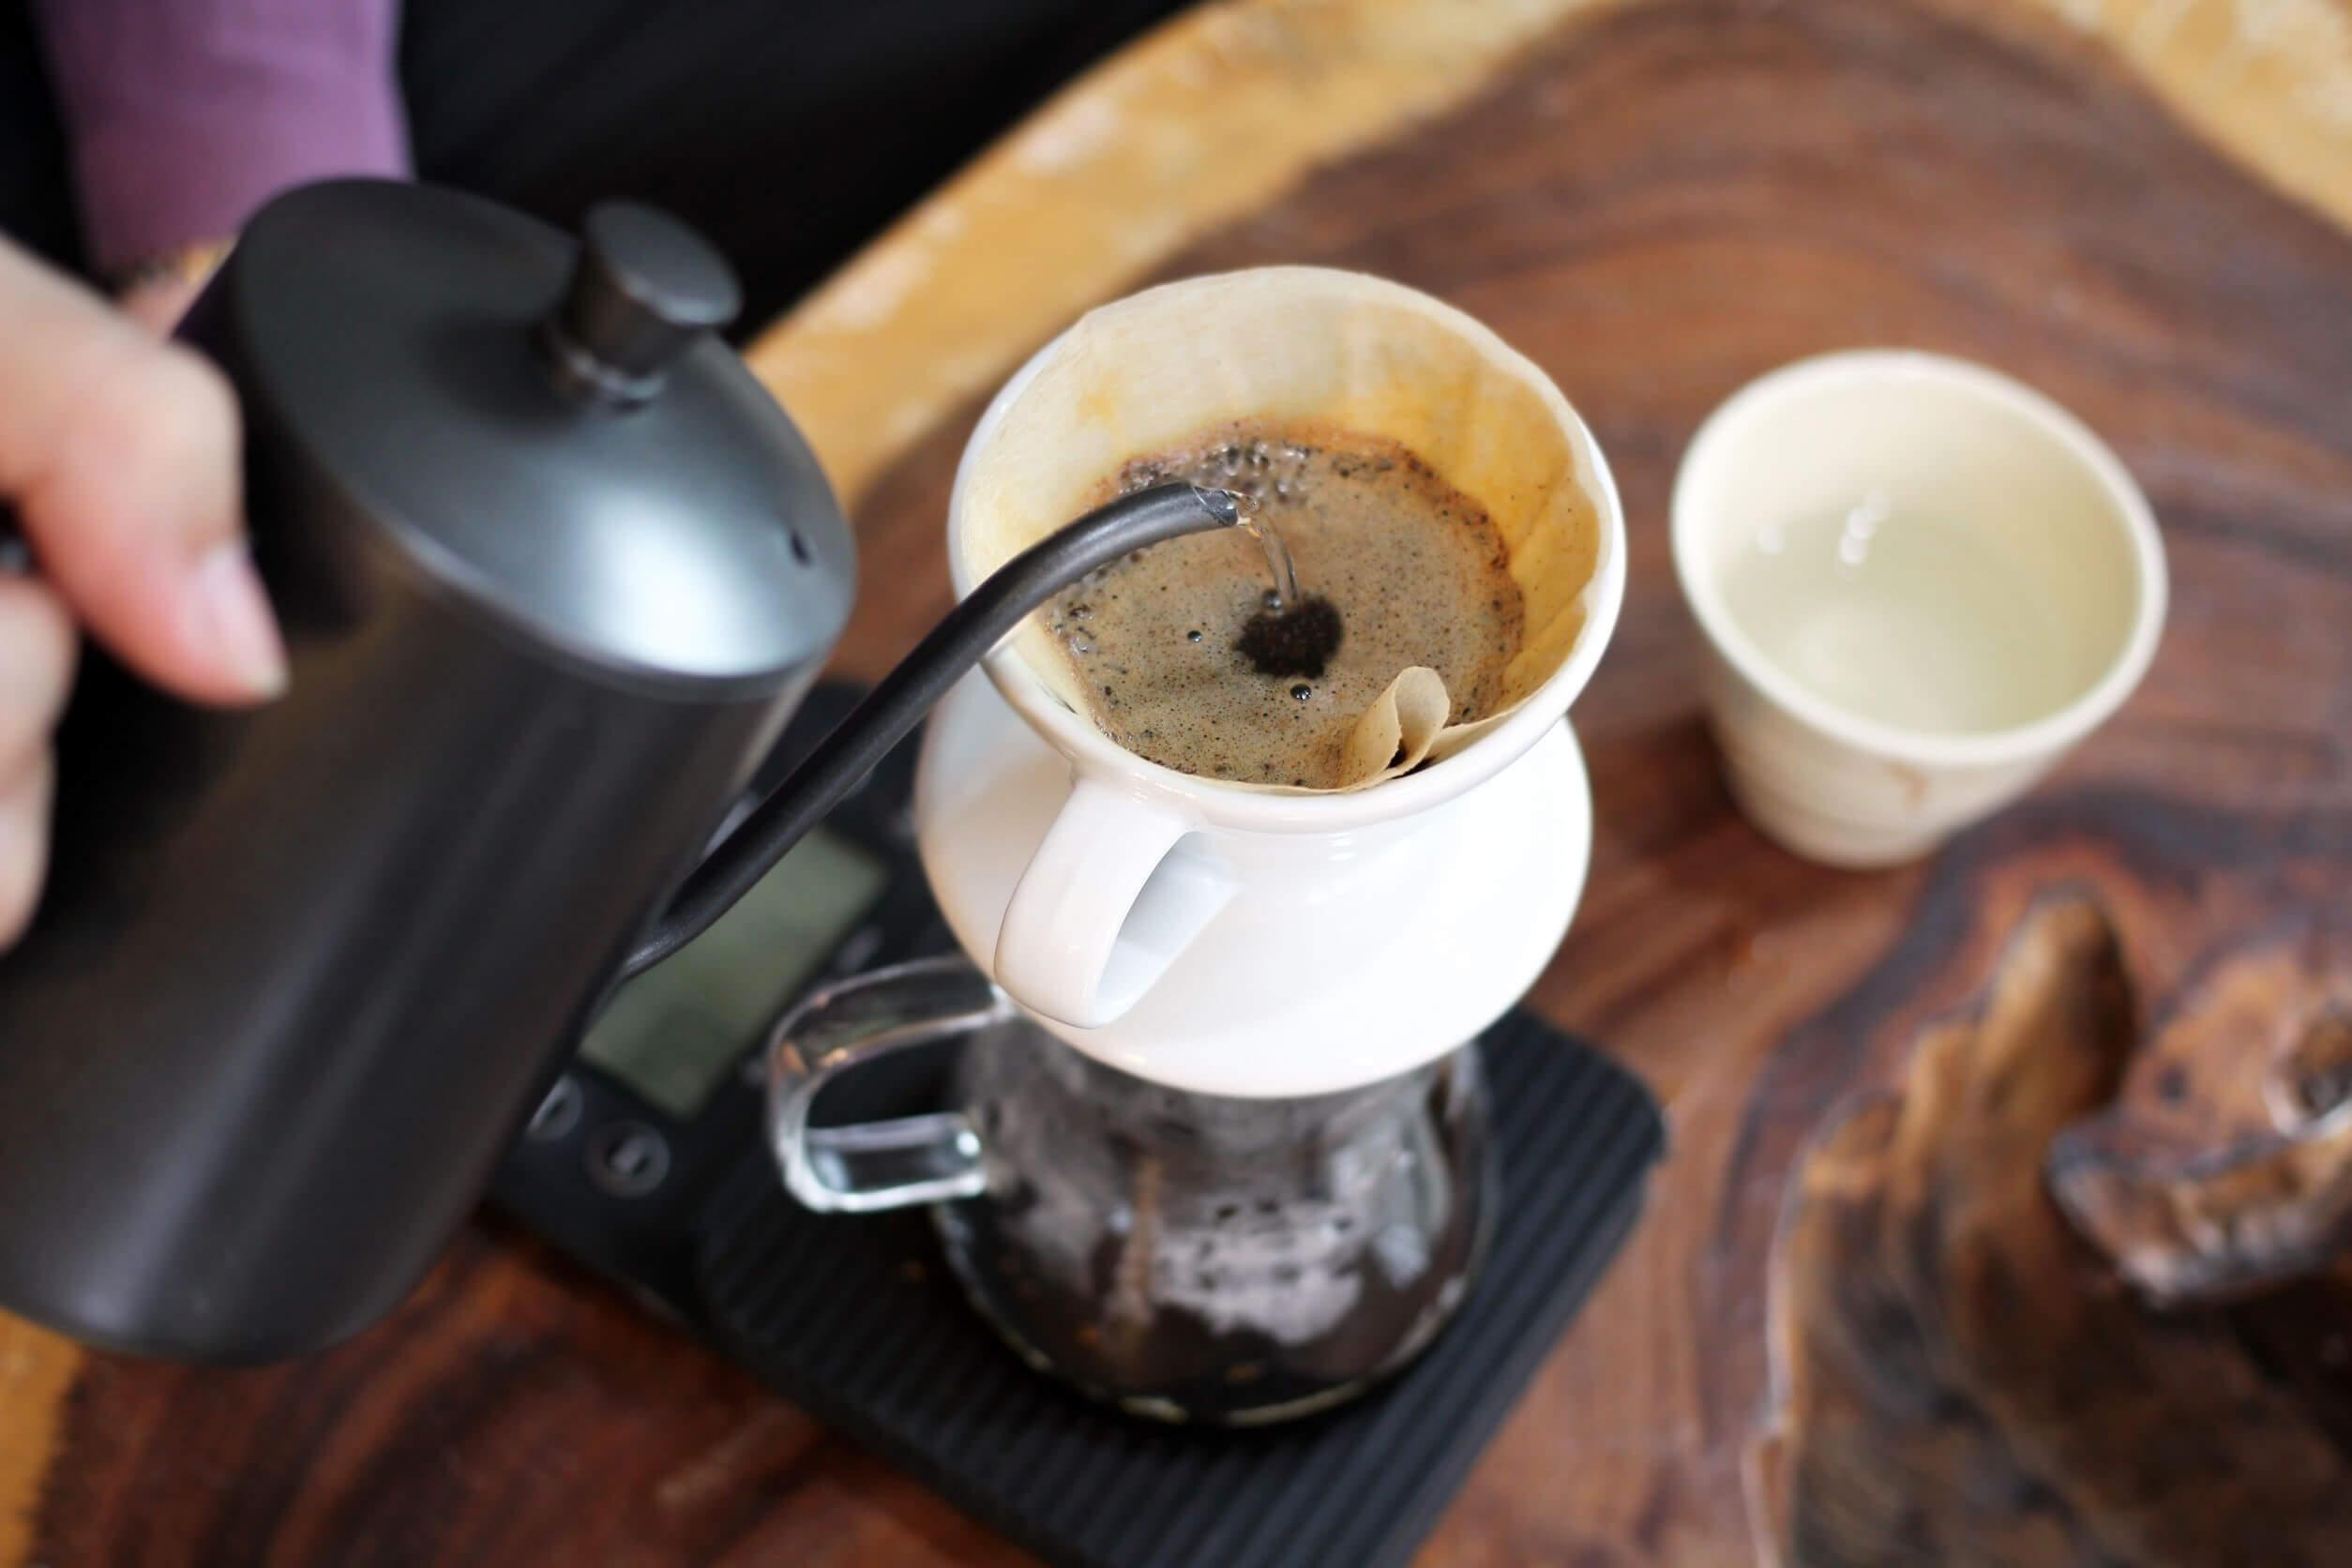 Los efectos de la cafeína en el sistema nervioso son múltiples.